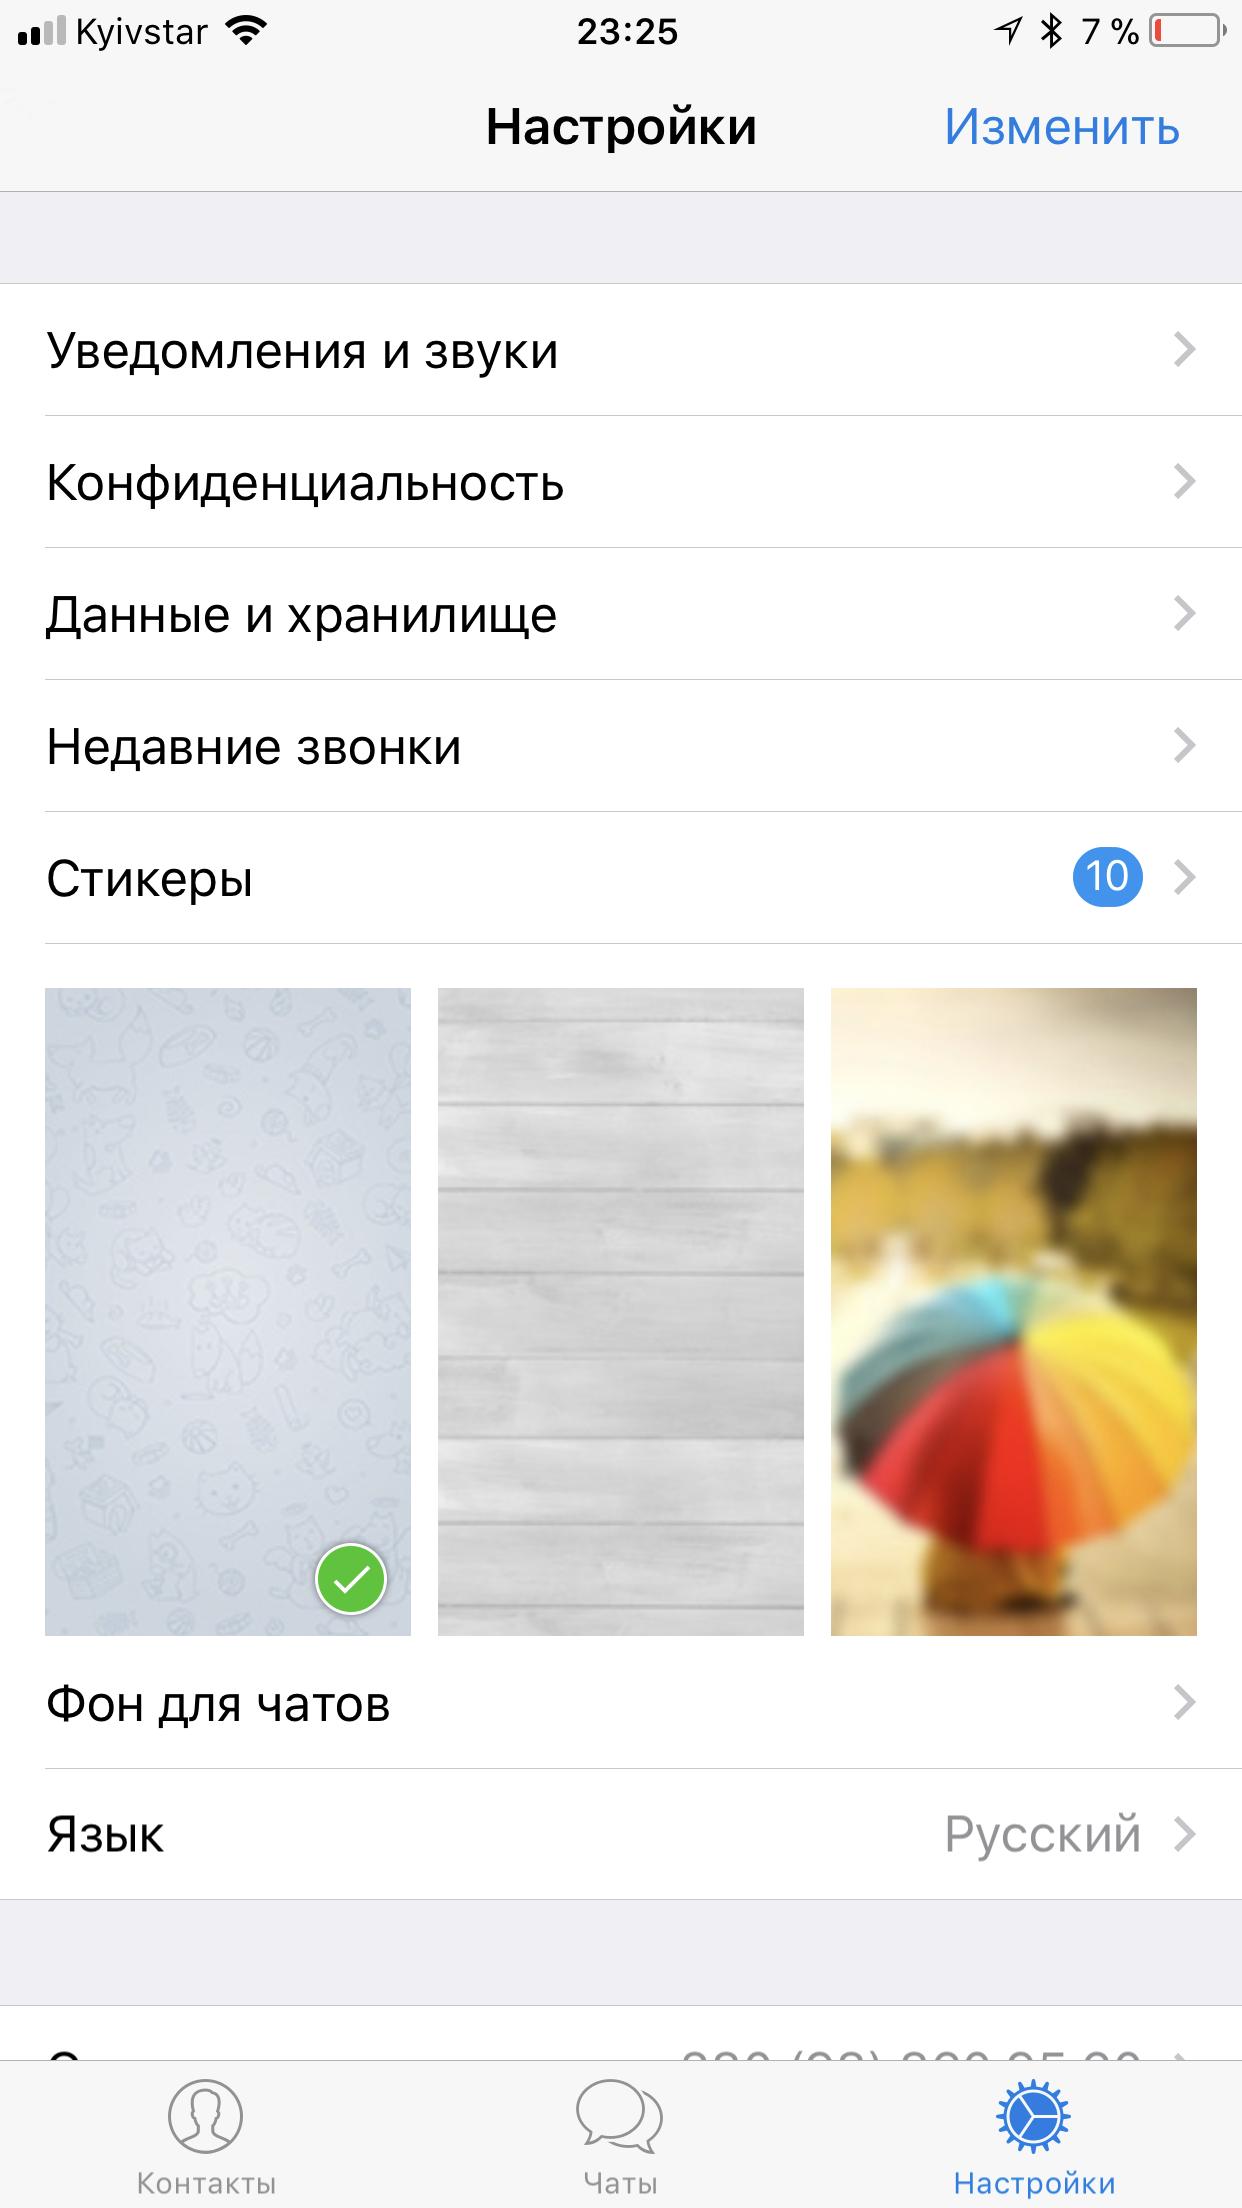 Telegram перевели на русский язык, но так ли это важно?